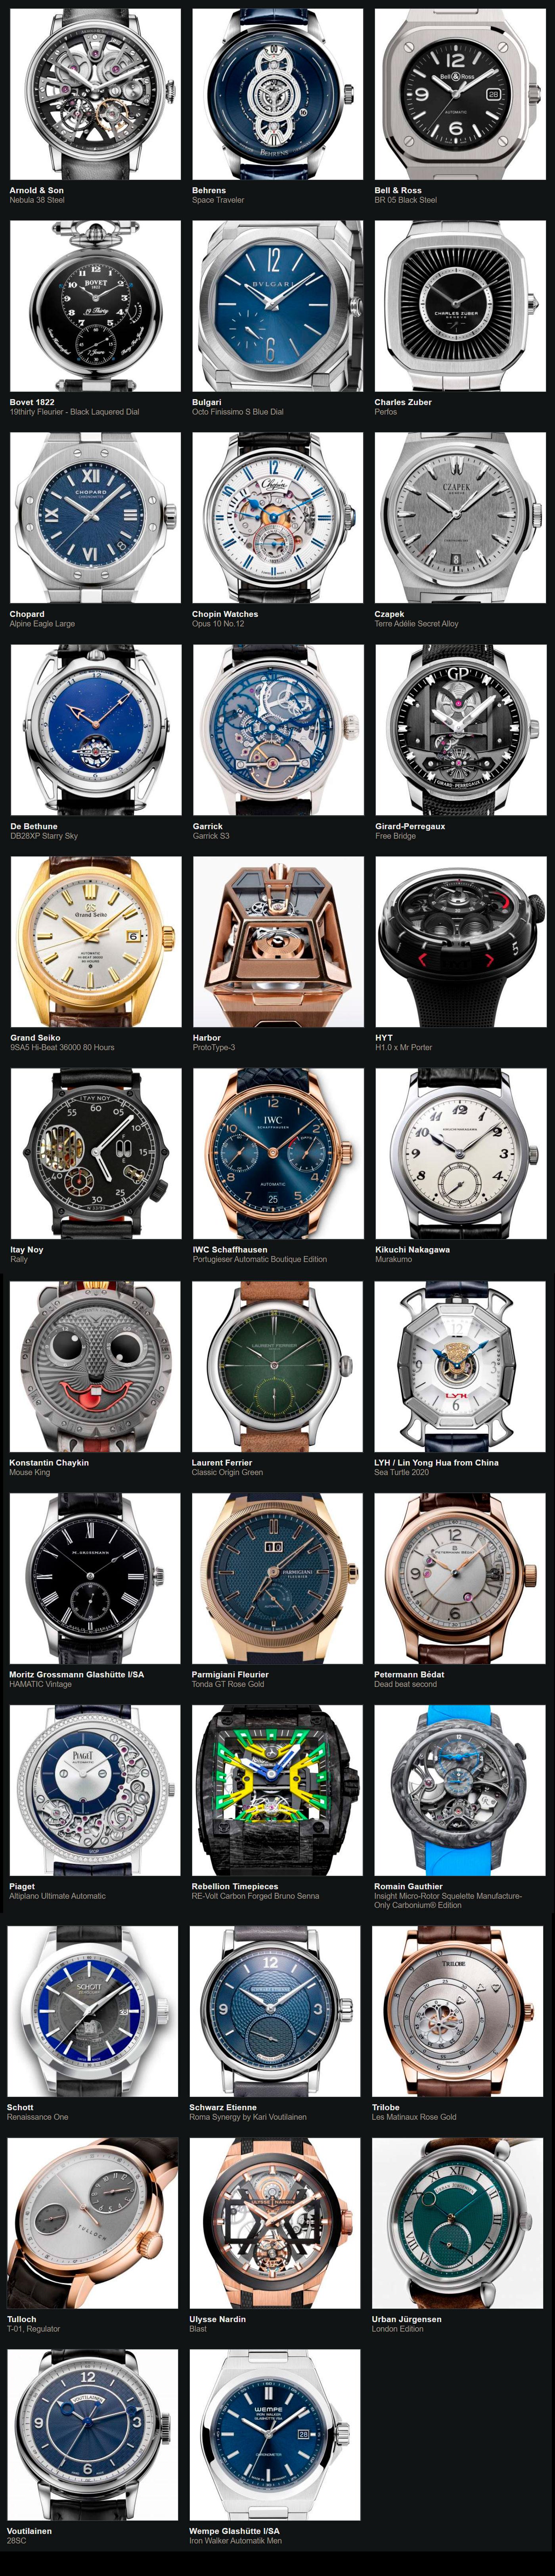 Relojes preseleccionados para el Gran Premio de Relojería de Ginebra 2020 Caballero